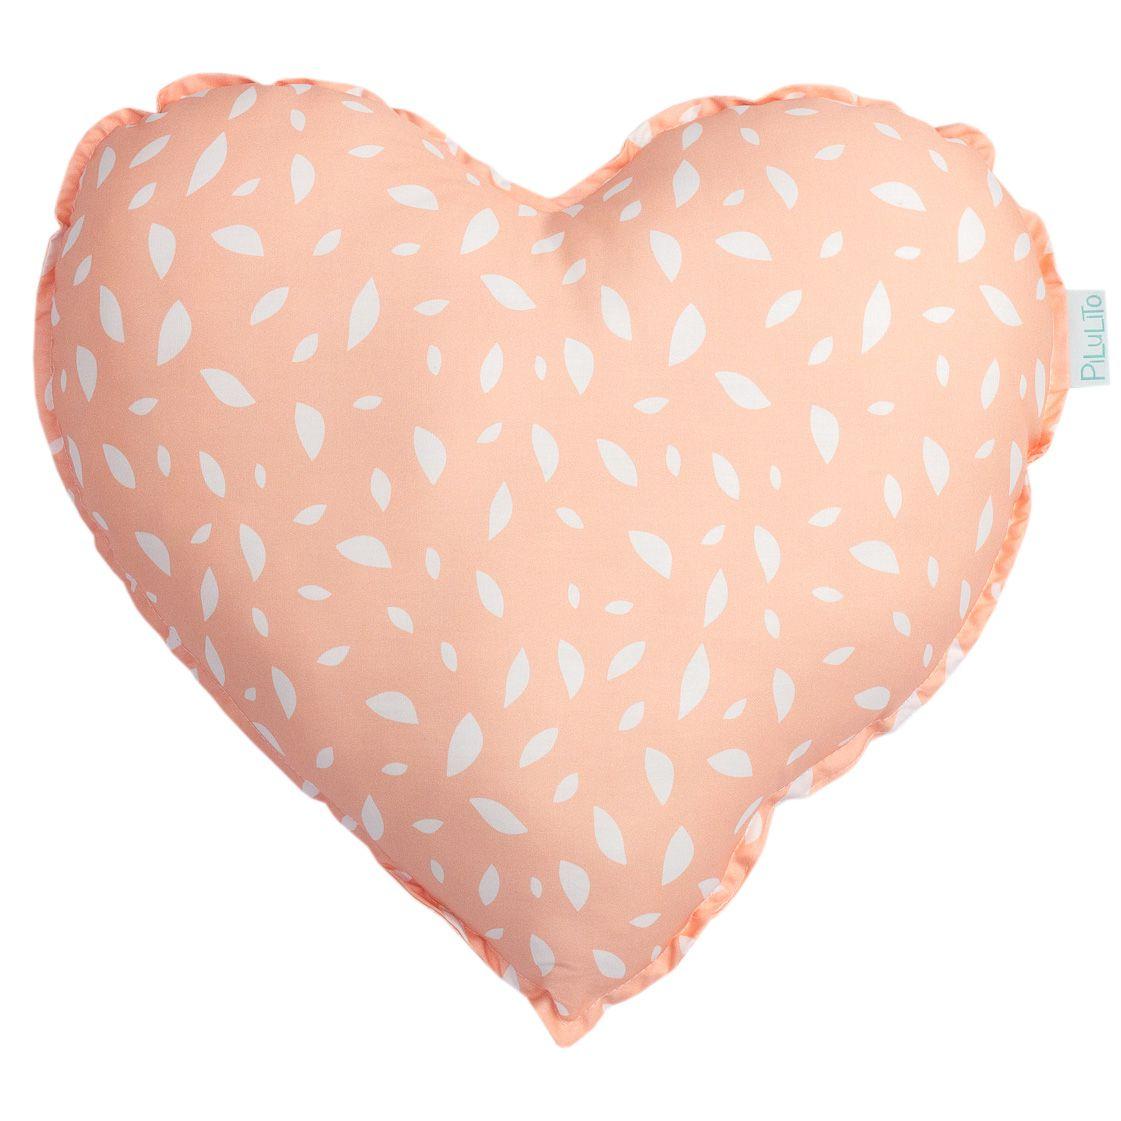 Almofada coração folhas salmão